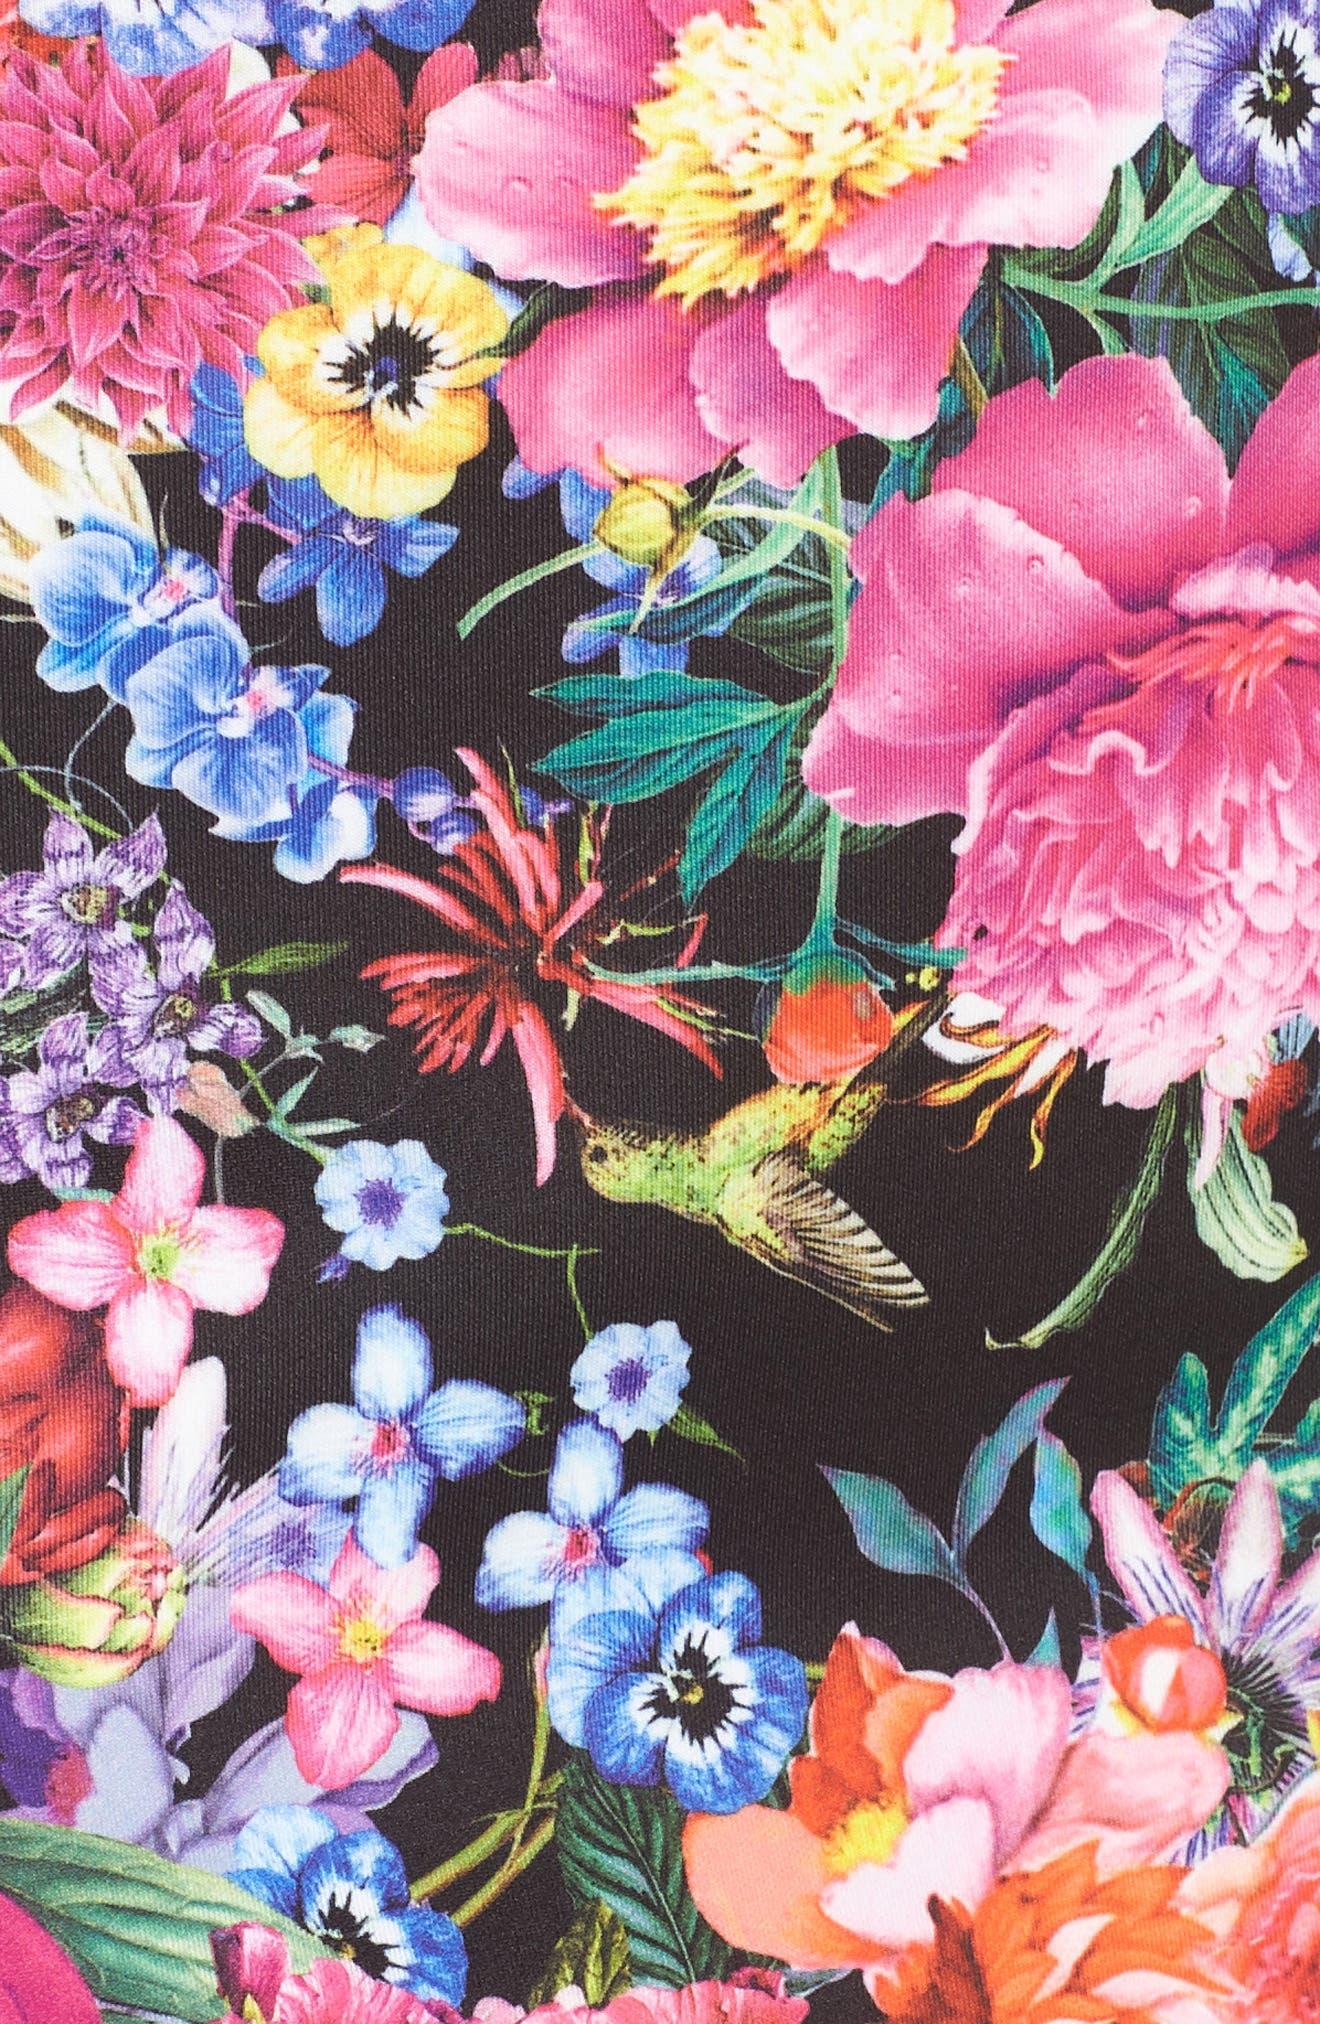 Floral & Lace Sheath Dress,                             Alternate thumbnail 5, color,                             013